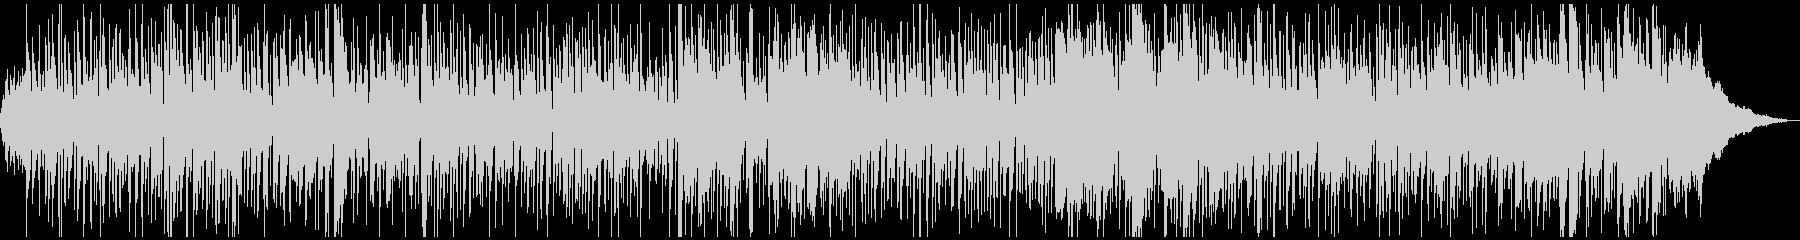 生演奏・エレピとストリングスのボサノバの未再生の波形